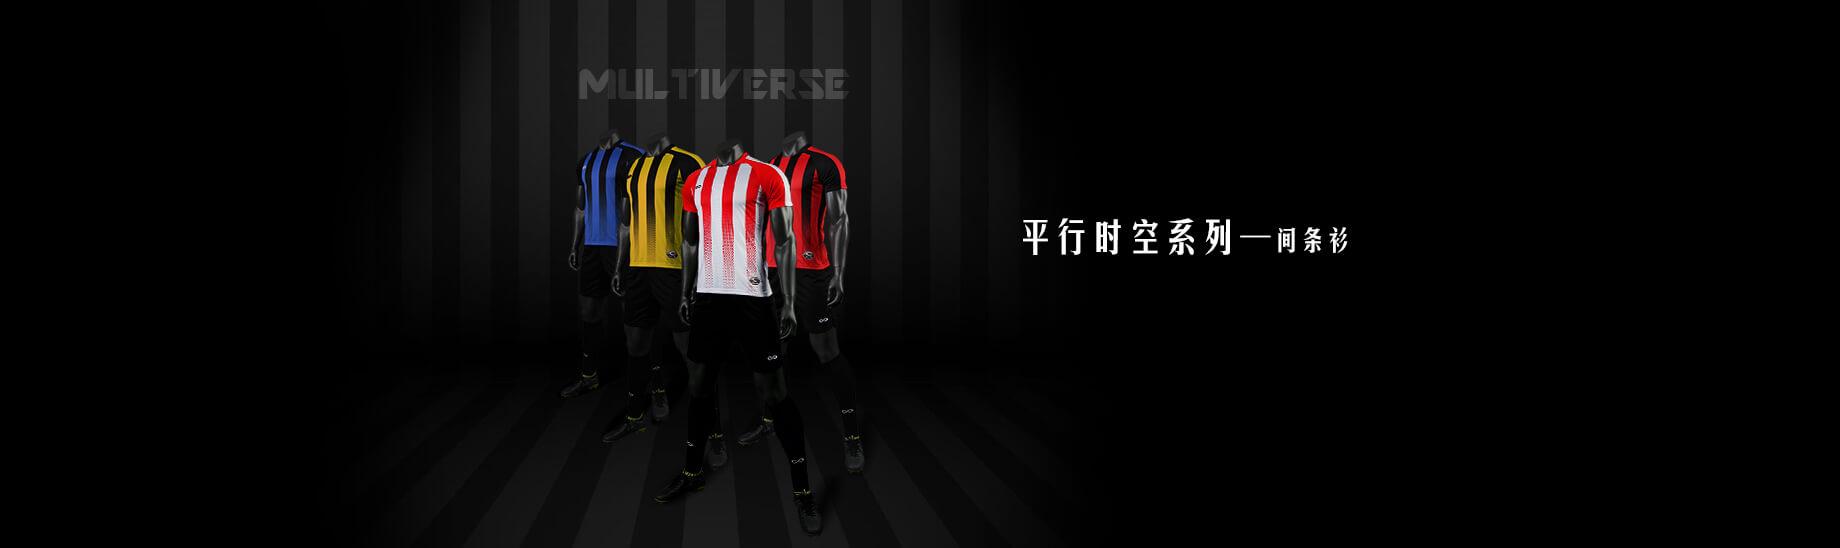 平行時空系列足球比賽服